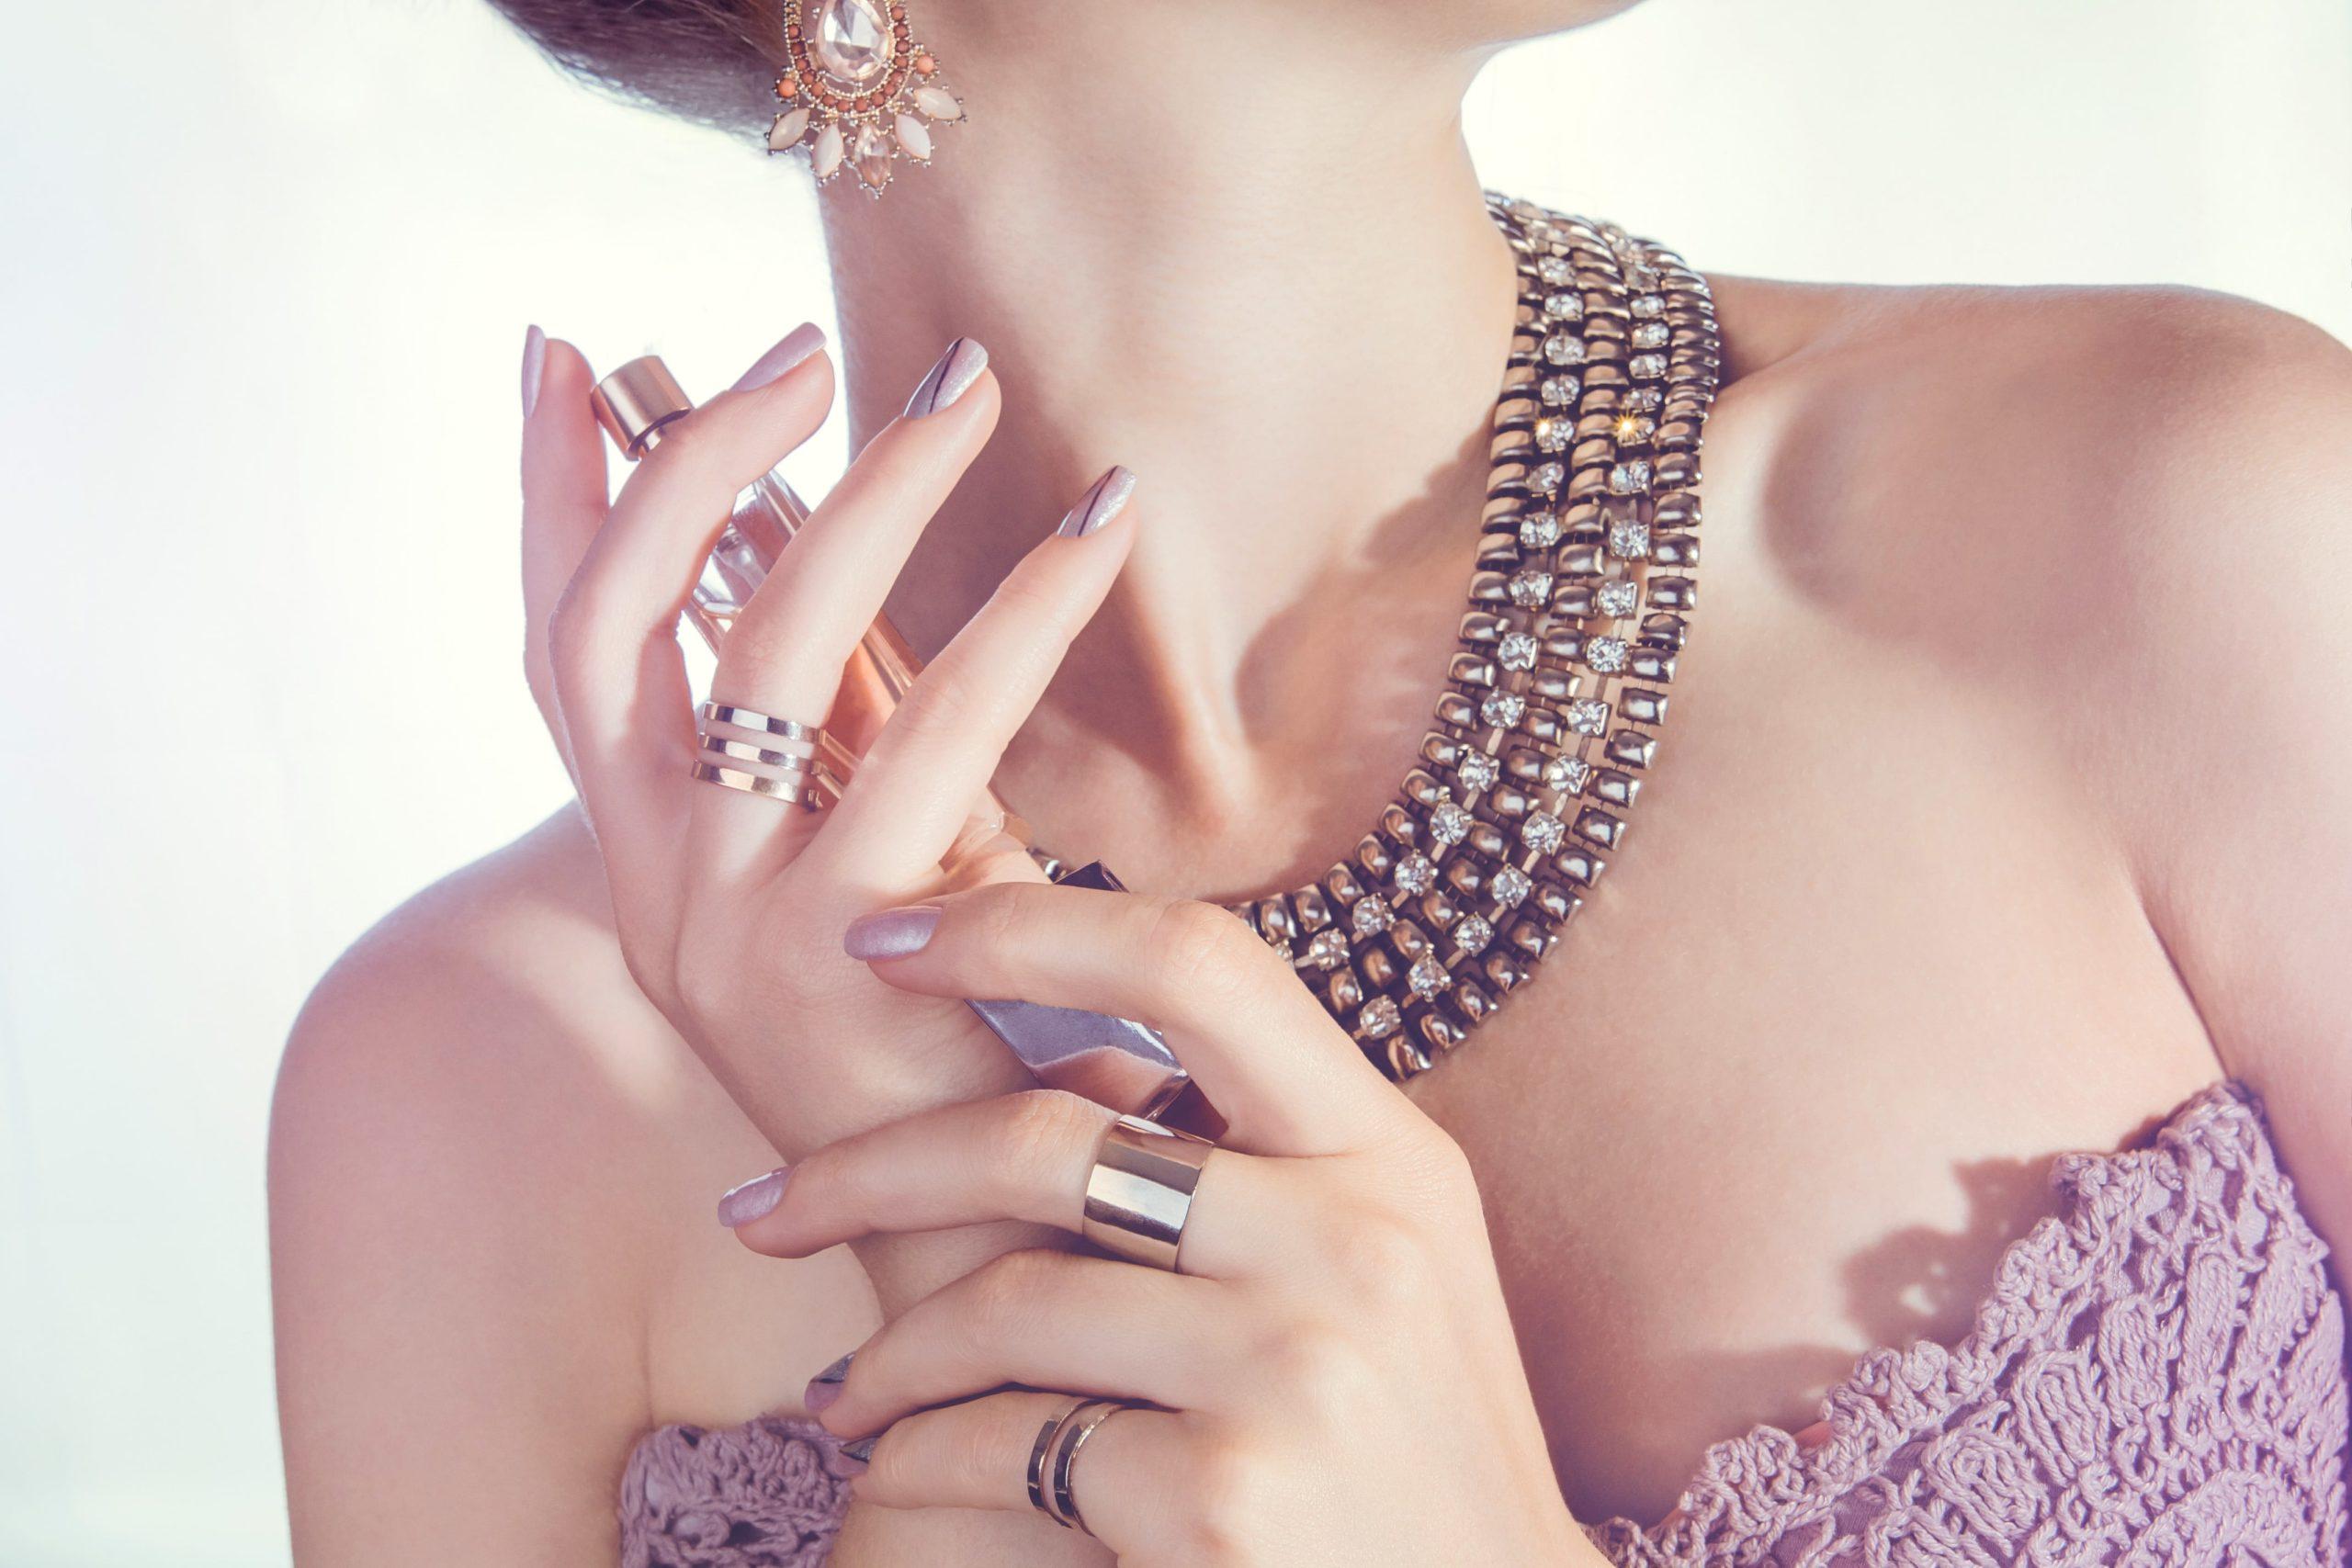 schmuck-gegen-modeschmuck-vergleich-strasssteine-diamanten